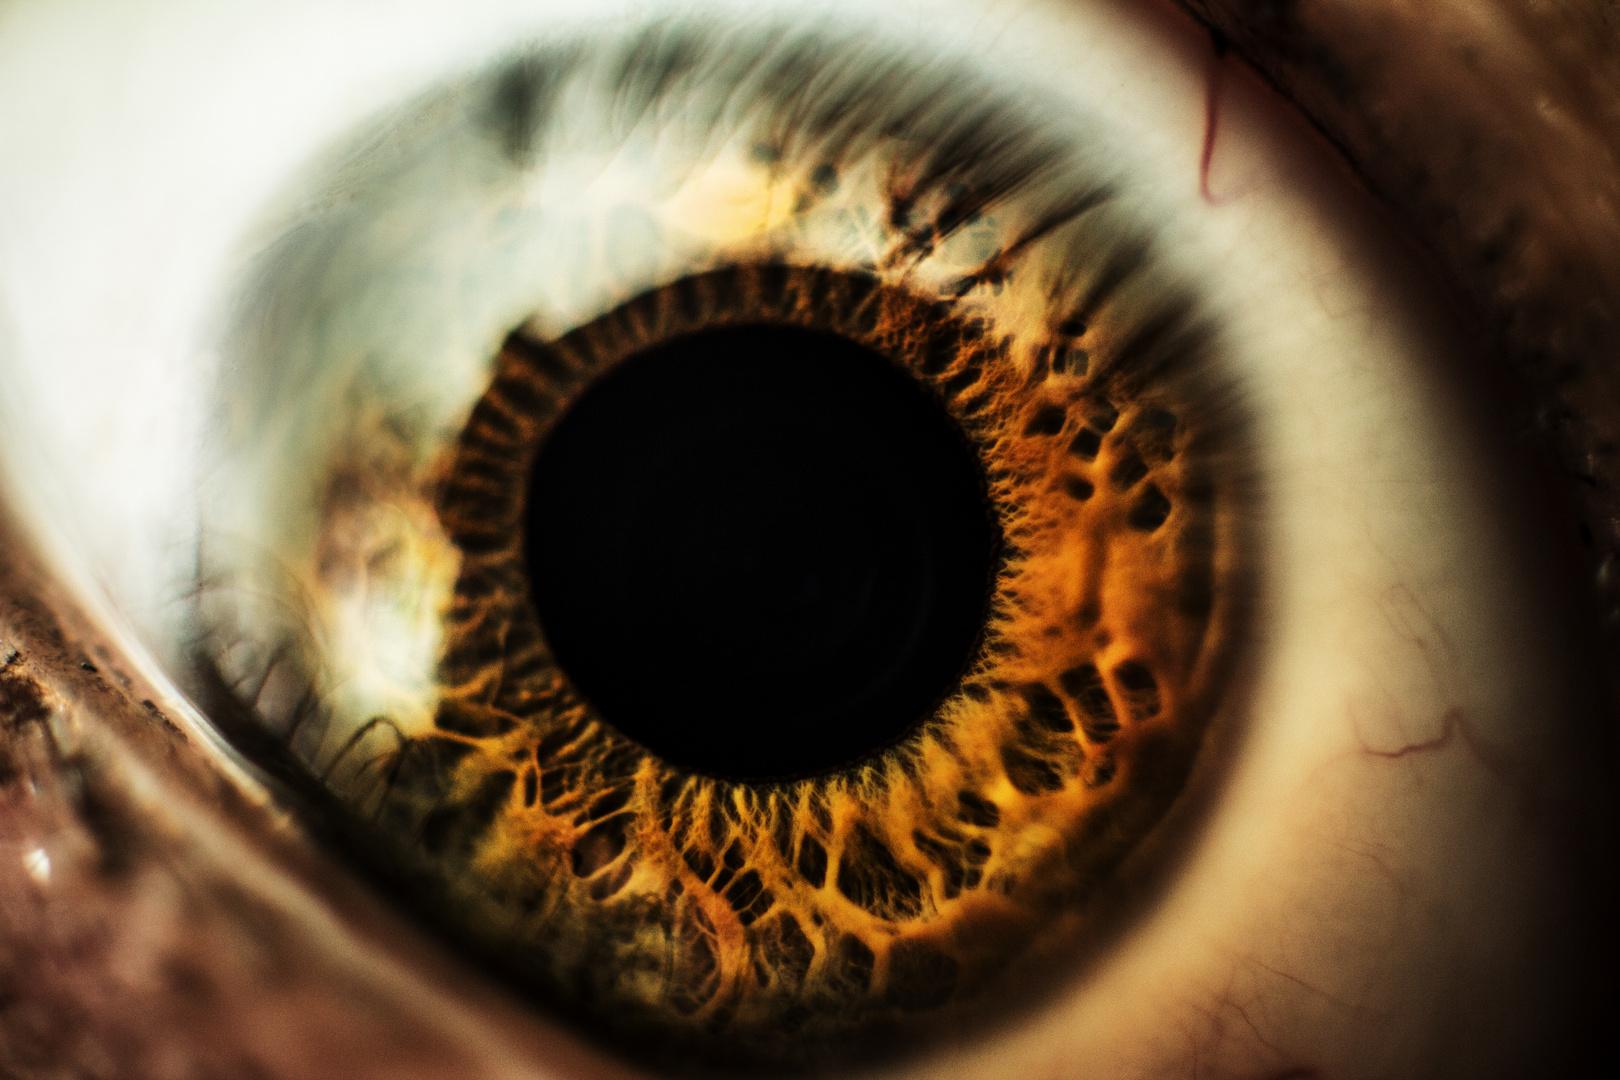 schau mir in die Augen ;)